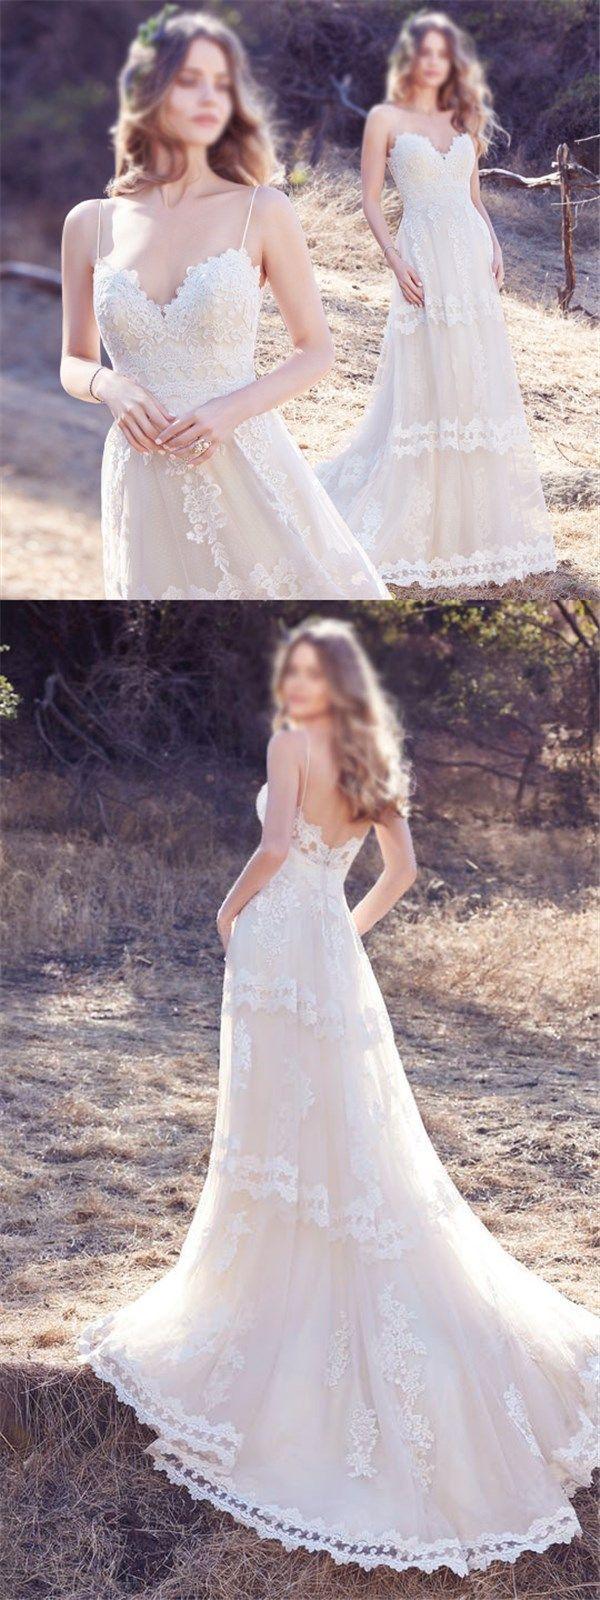 Wedding dresses for a beach wedding  Charming Lace Beach Wedding Dress Simple Sexy Spaghetti Wedding